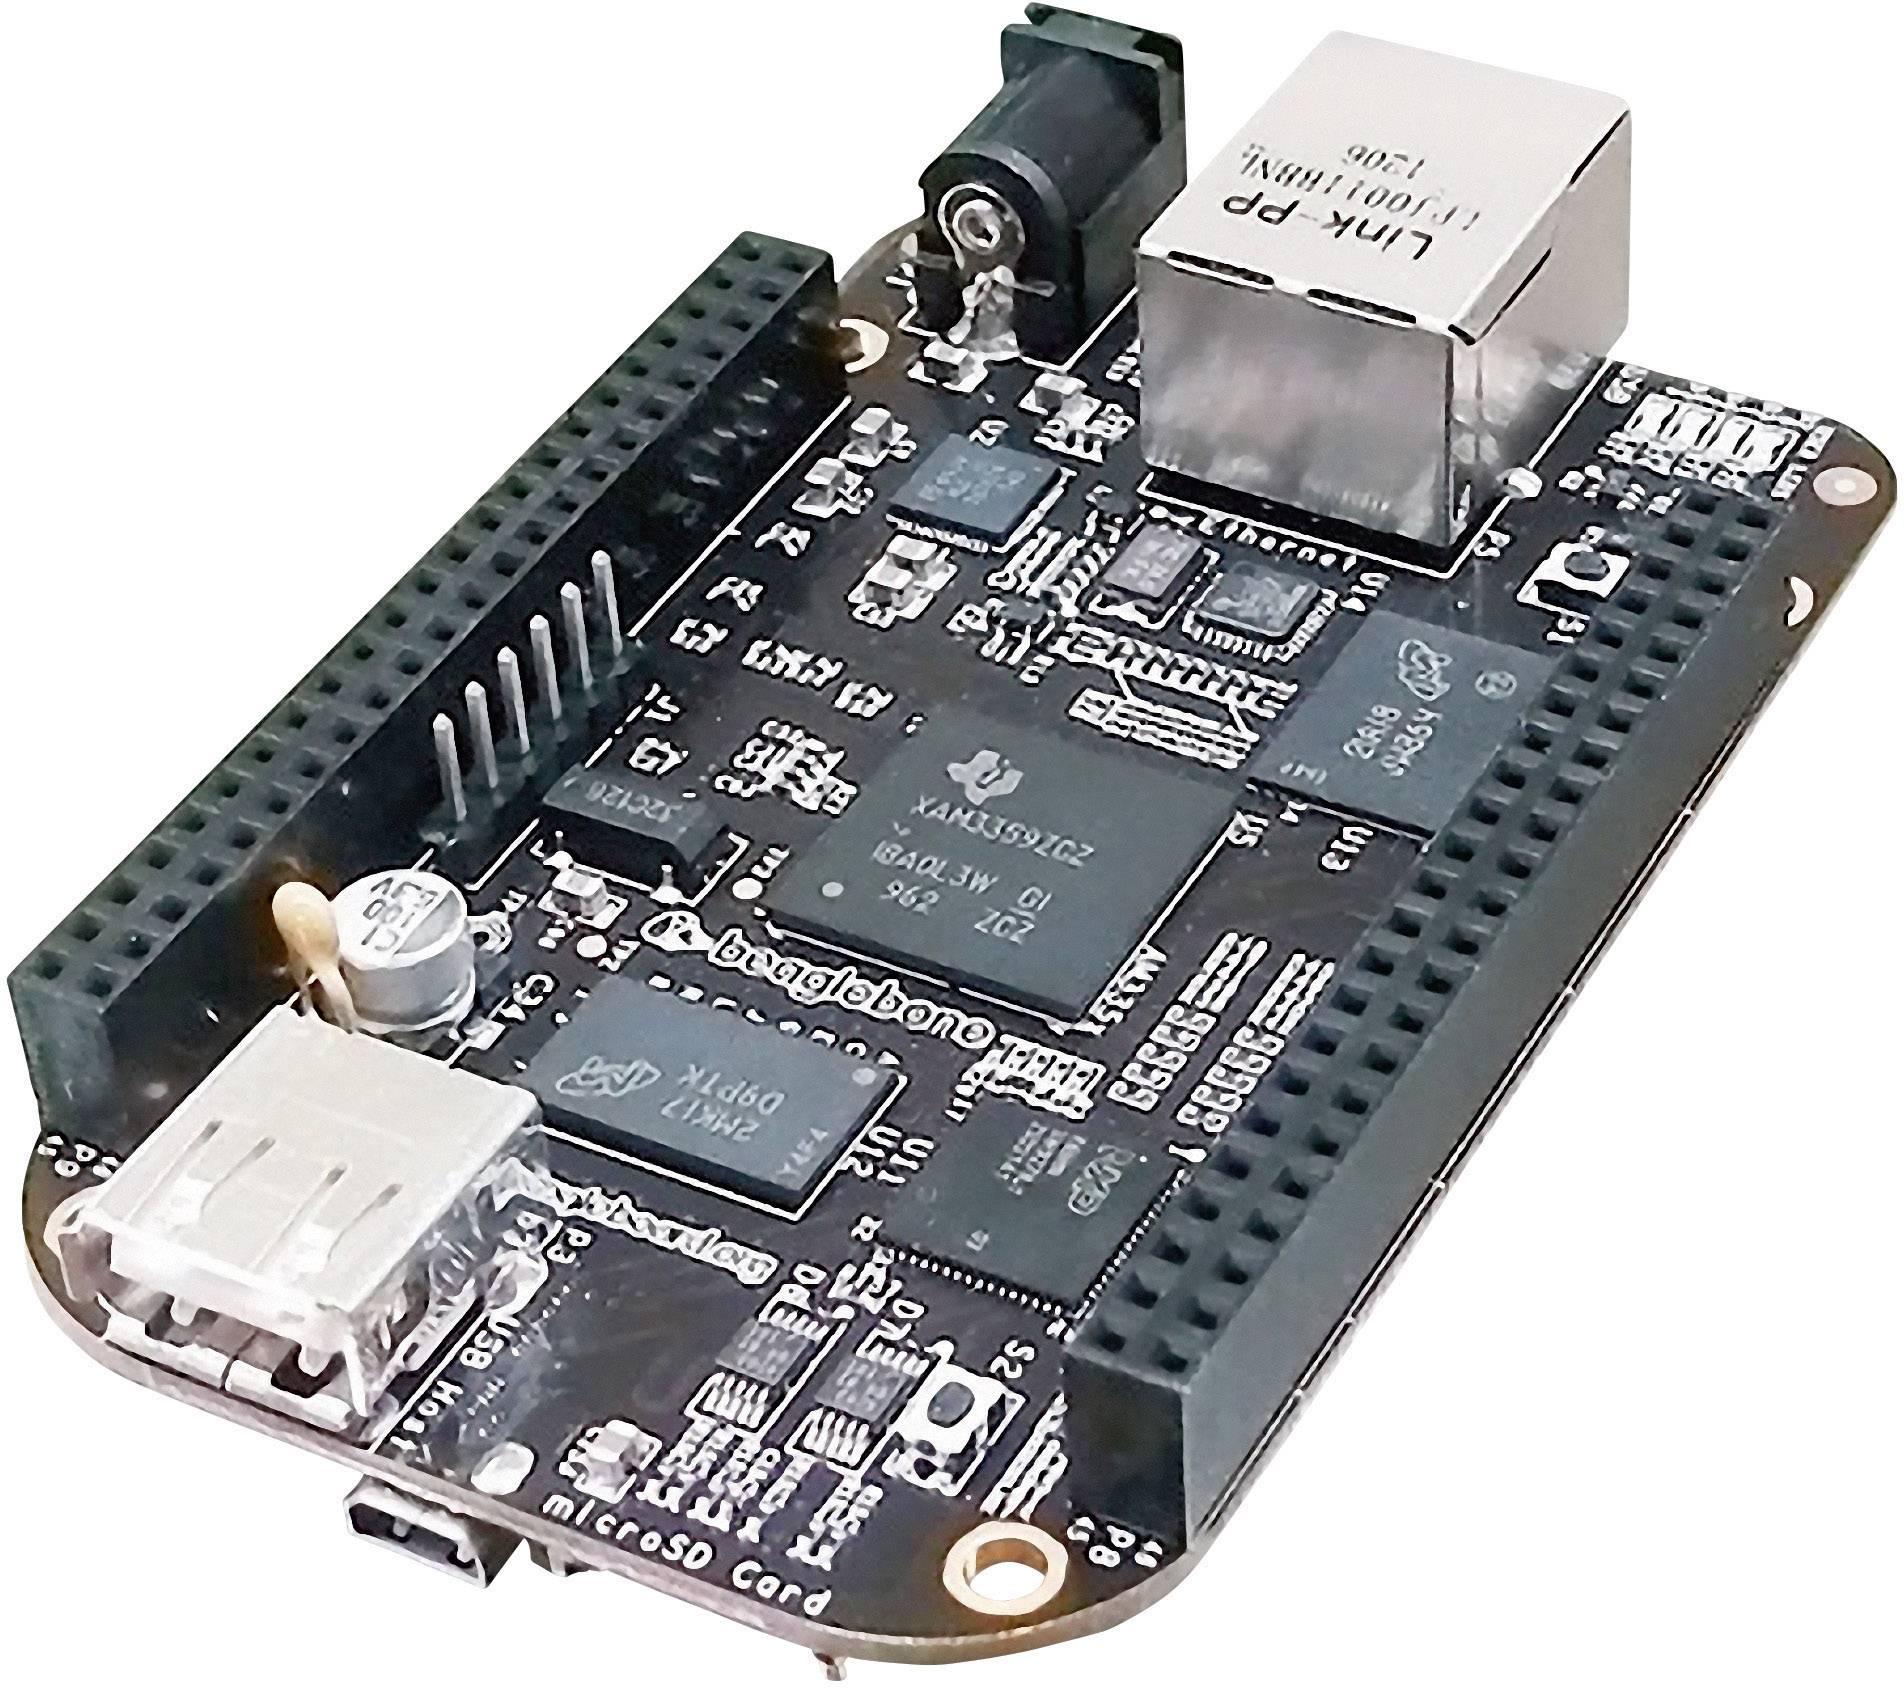 Programovatelné moduly a mini PC